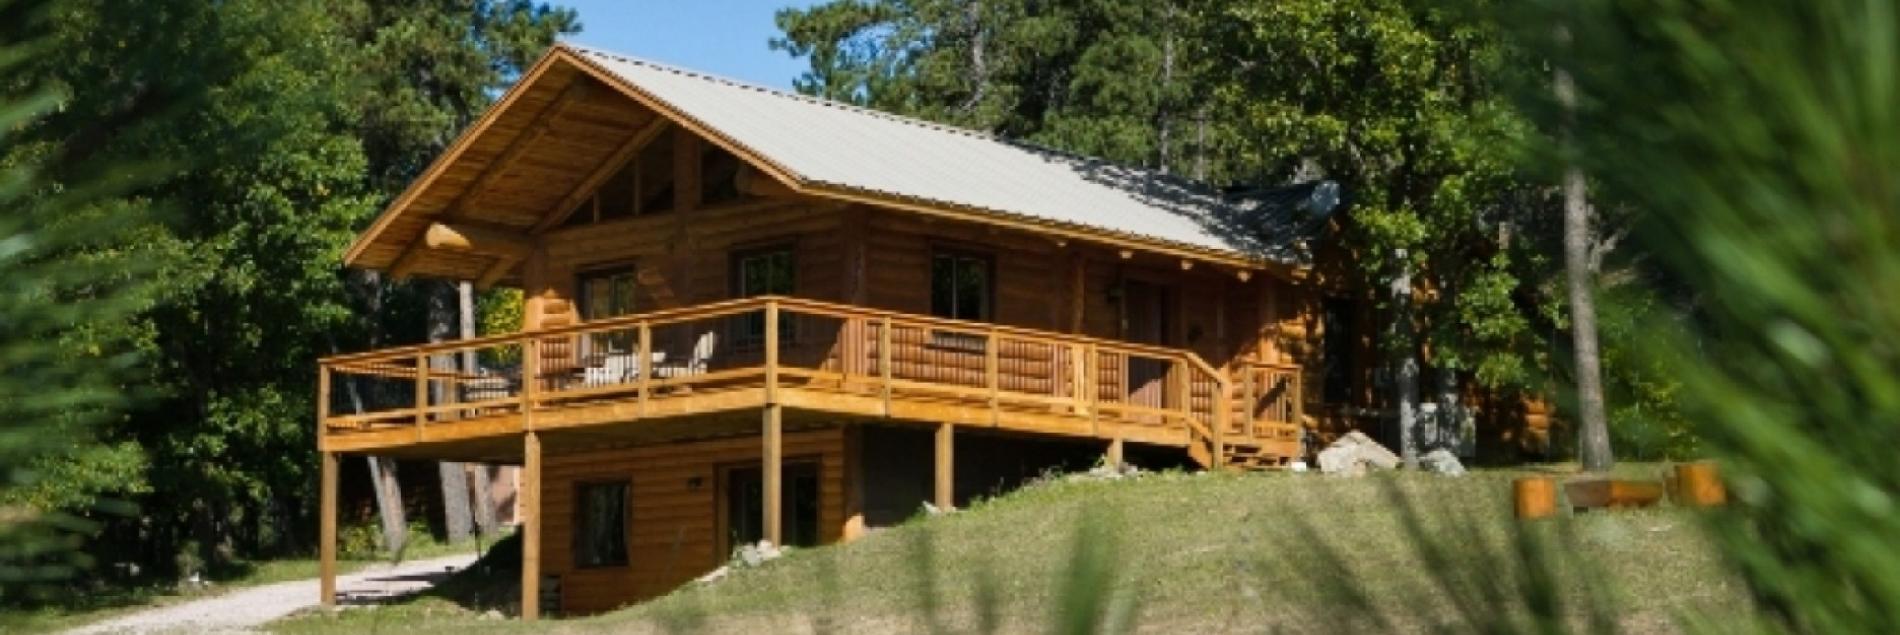 Legion Lake Lodge At Custer State Park Resort